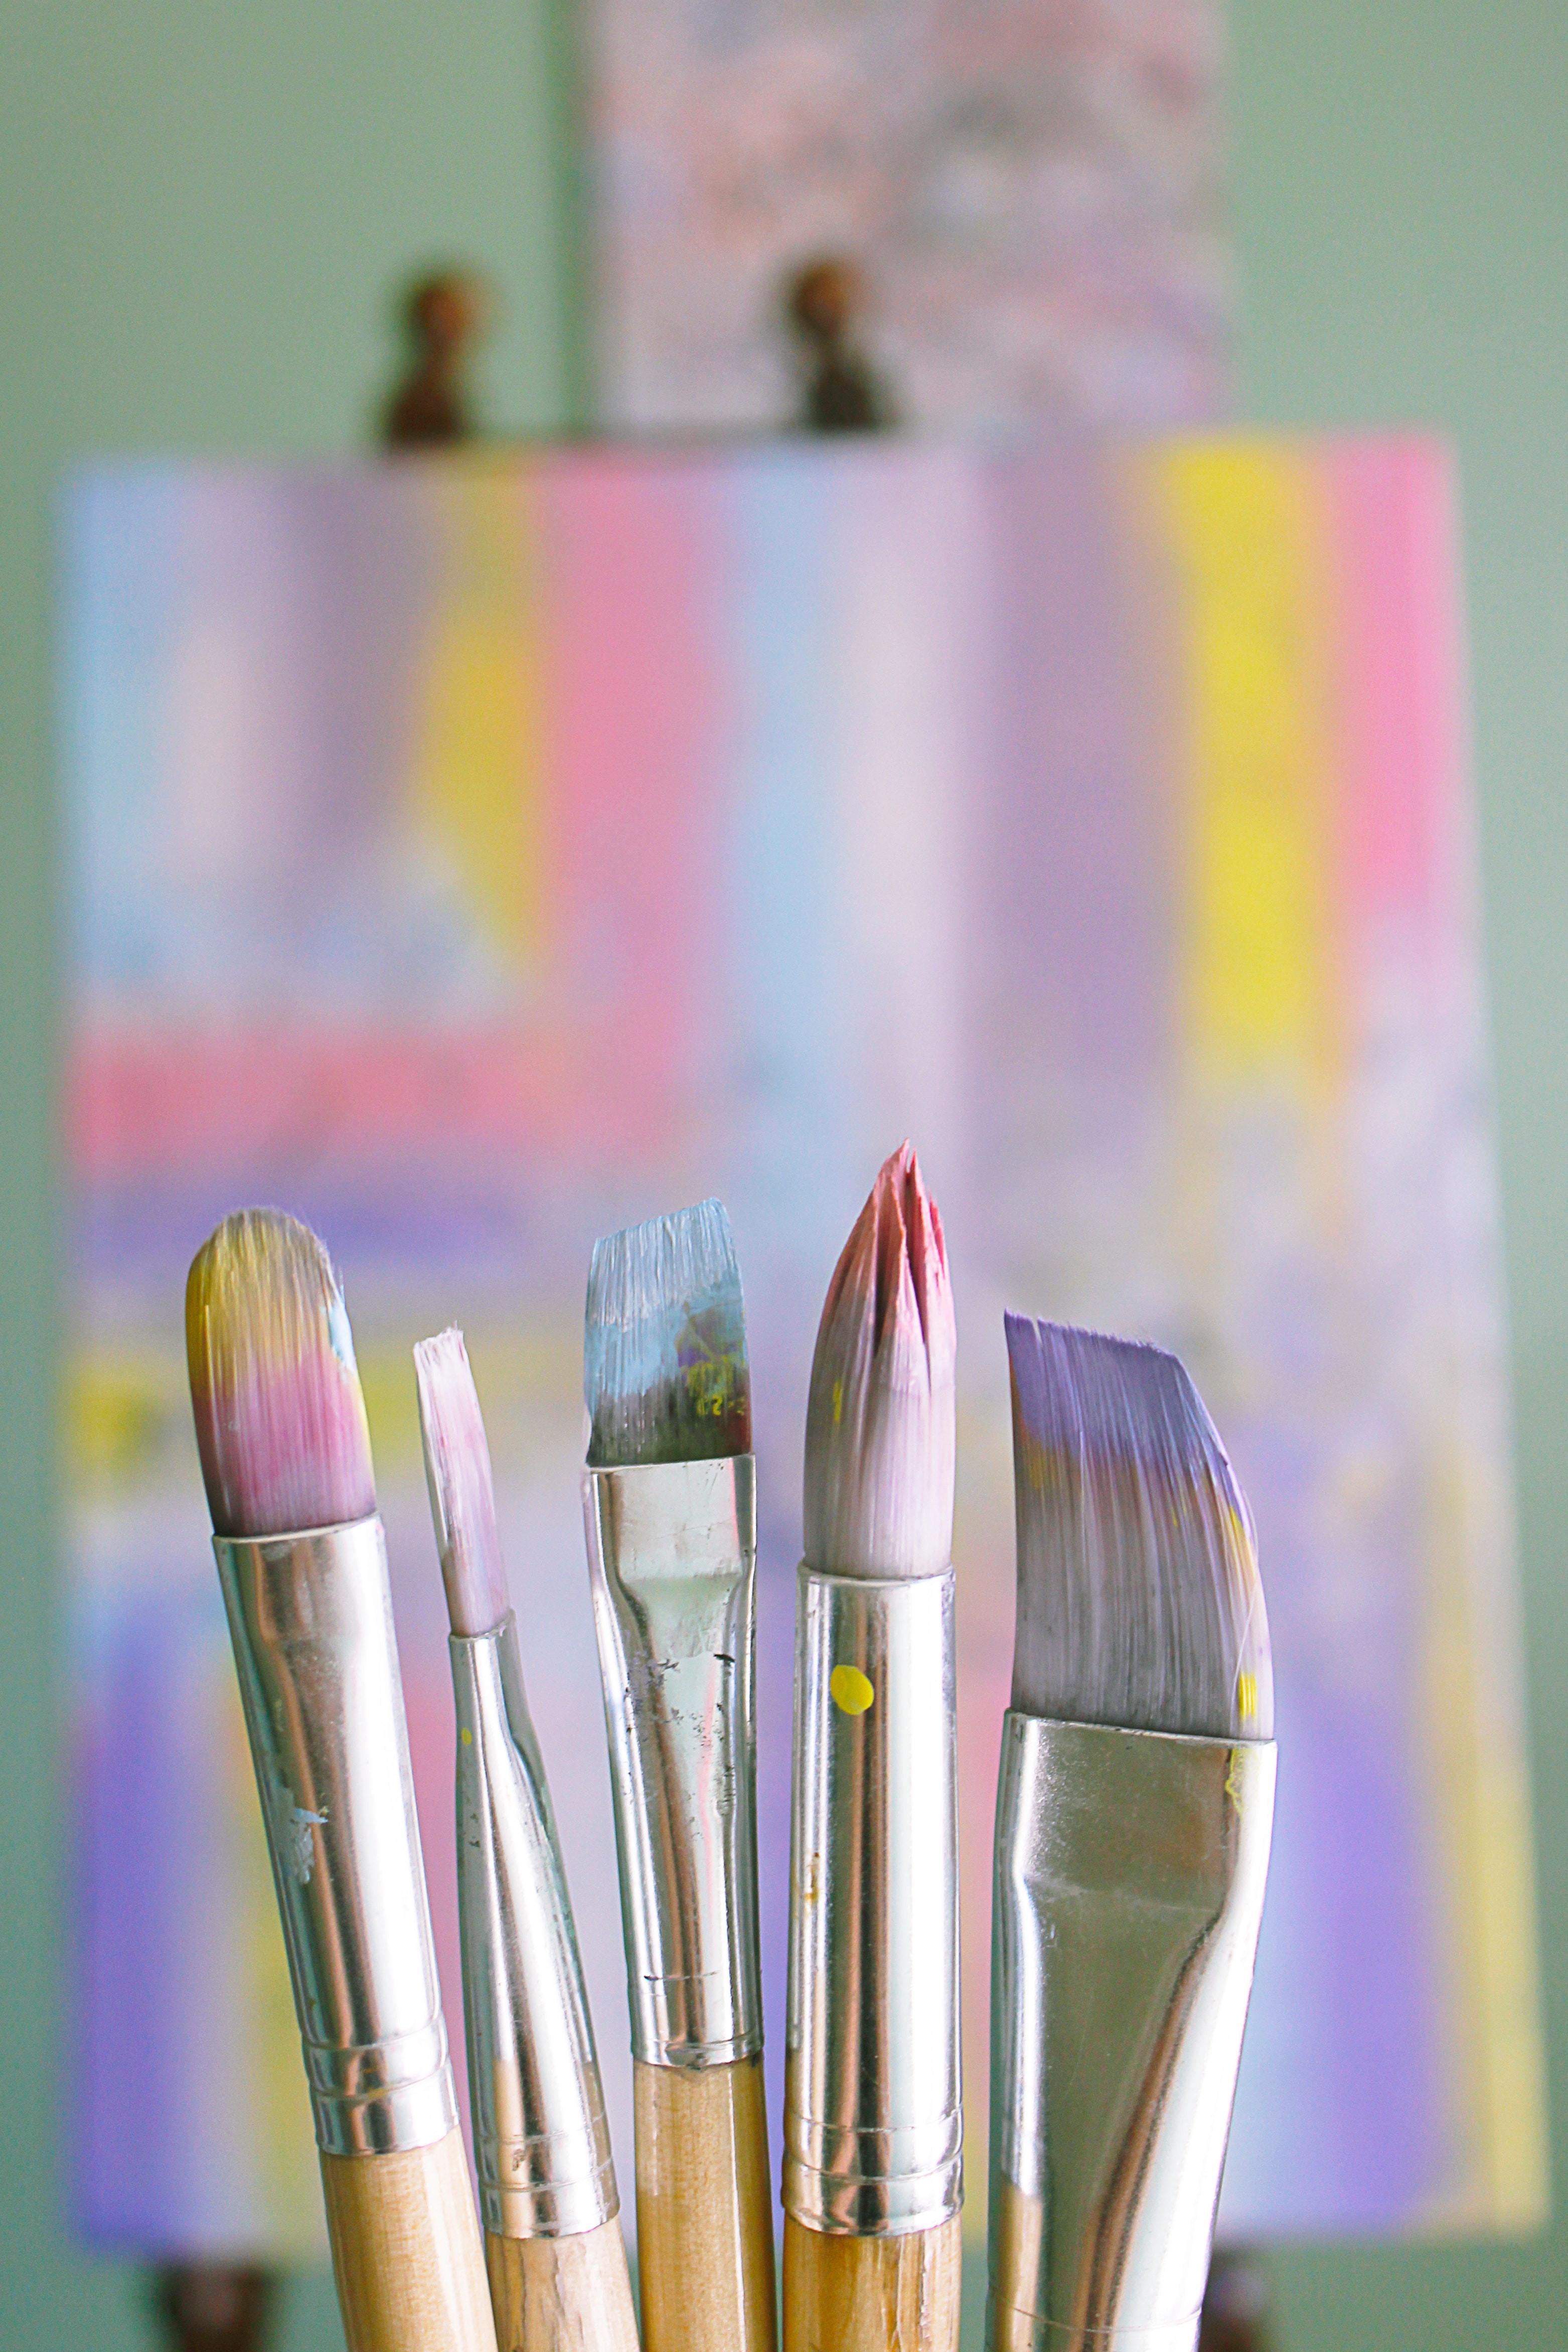 Cours d'arts visuels privés online